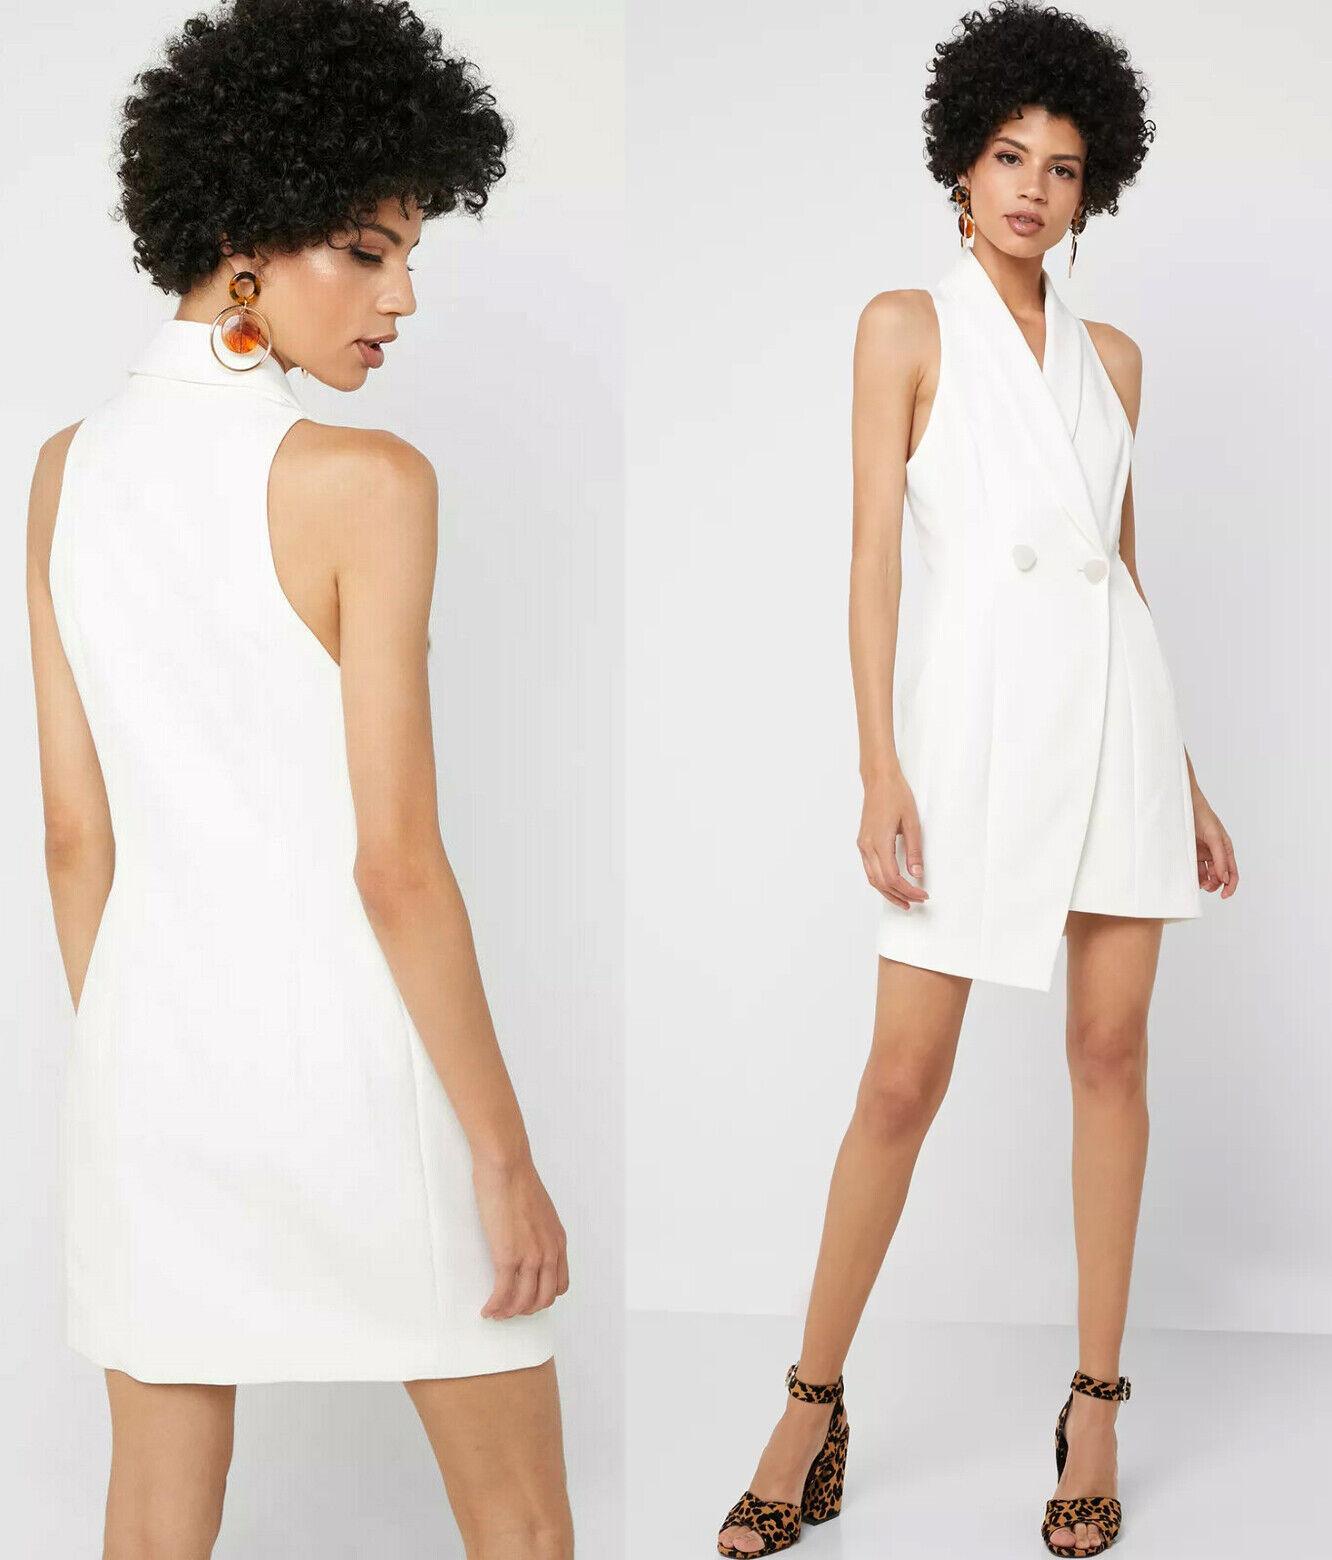 TOPSHOP New Tuxedo Wrap Jacket Dress in White Sizes 8 to 18